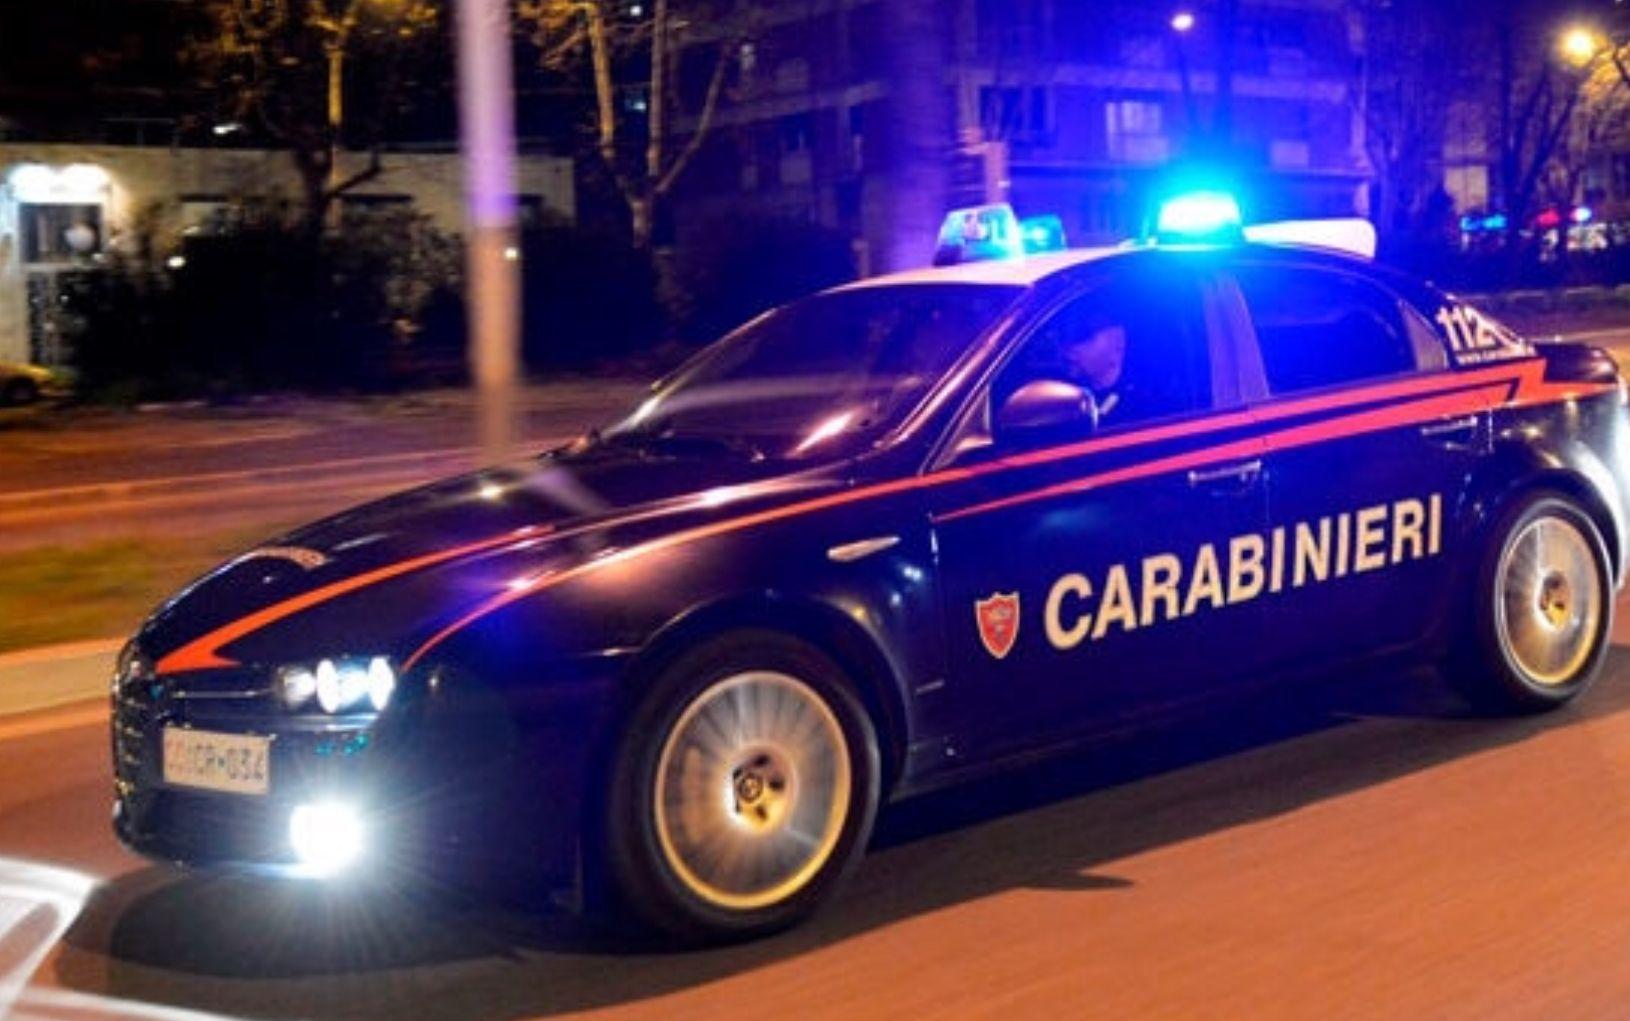 IVREA - Guida ubriaco, studente 20enne di Vestignè arrestato